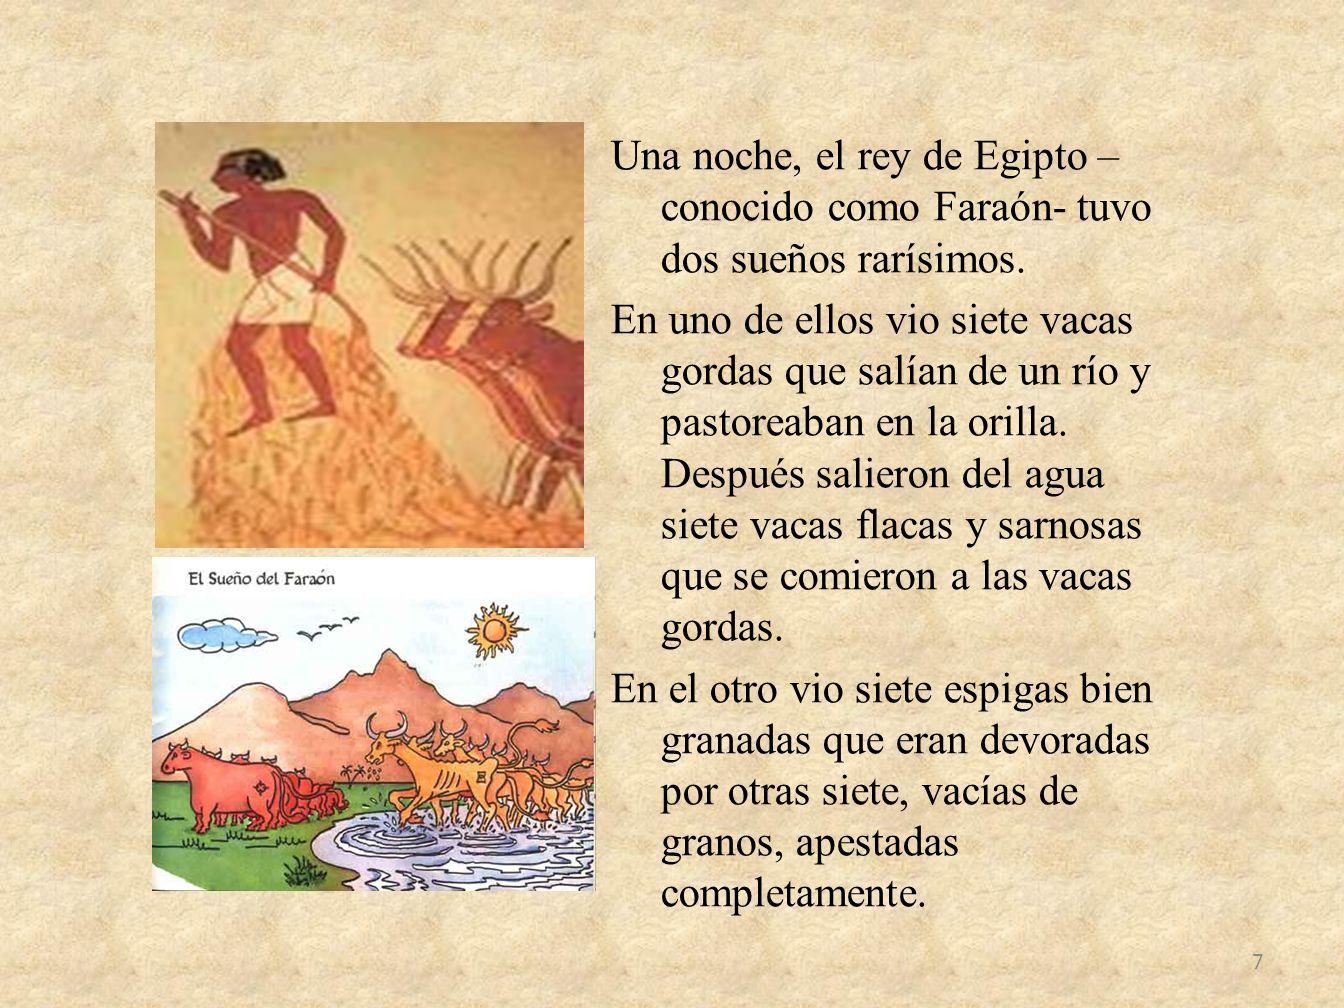 - Cuando escucha la conciencia moral, el hombre prudente puede sentir la voz de Dios que le habla.